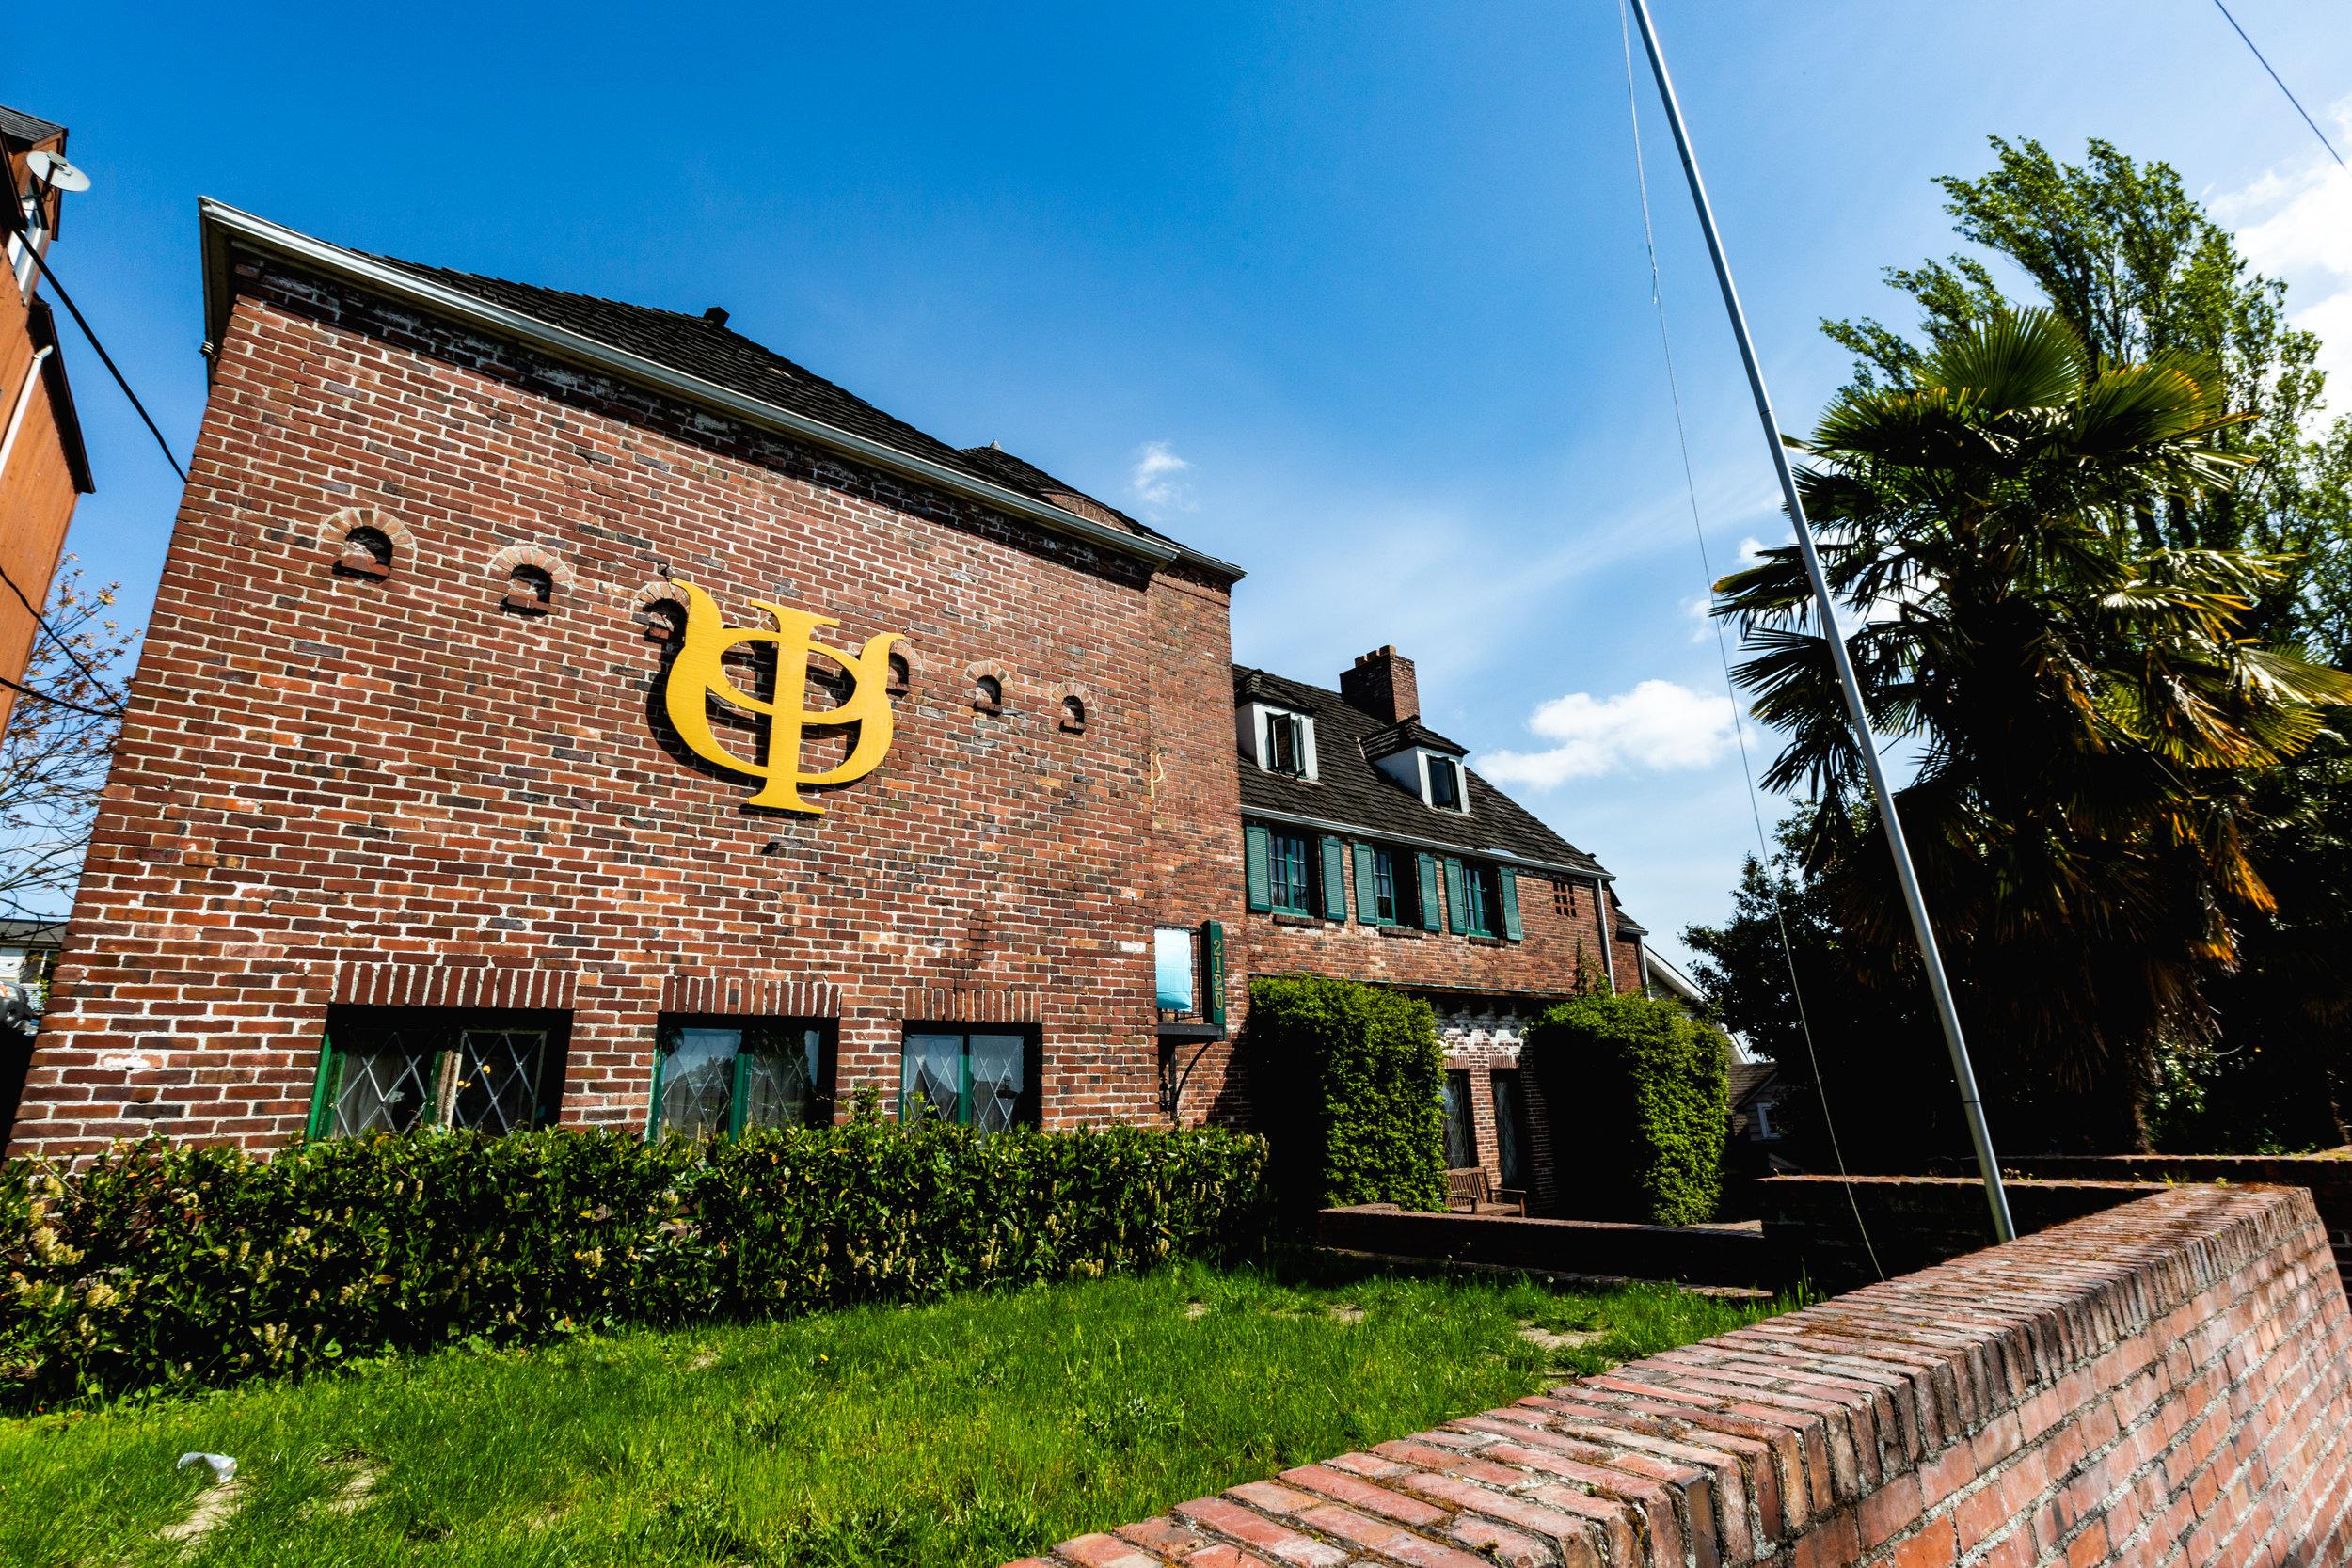 phi psi house 1.jpg